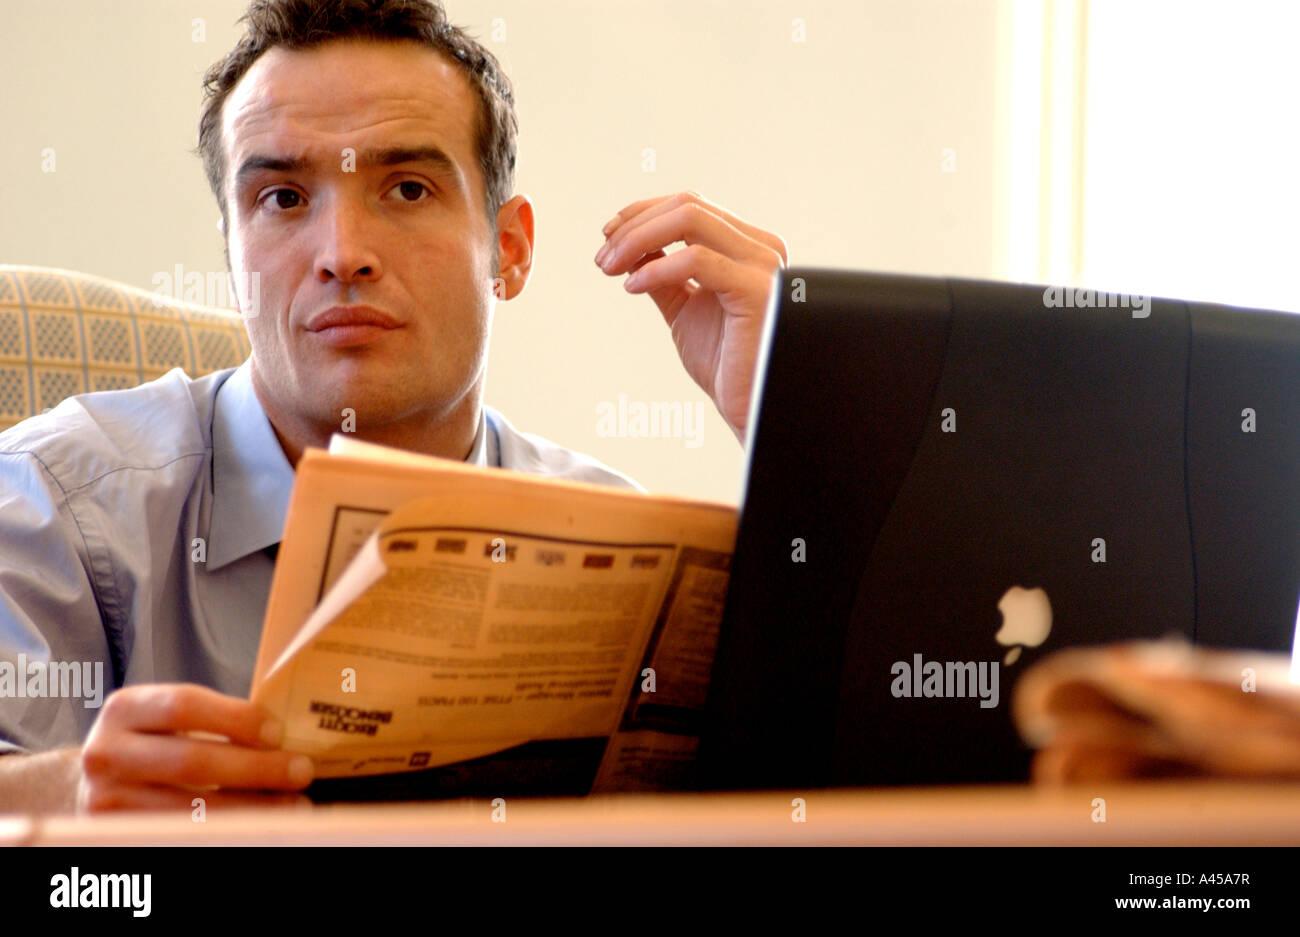 Lizenzfreie Kostenlose Foto Der Britische Geschaftsmann Lesen Financial Times In London Buro Mit Laptop Und In Einer Sitzung Uk Stockfotografie Alamy